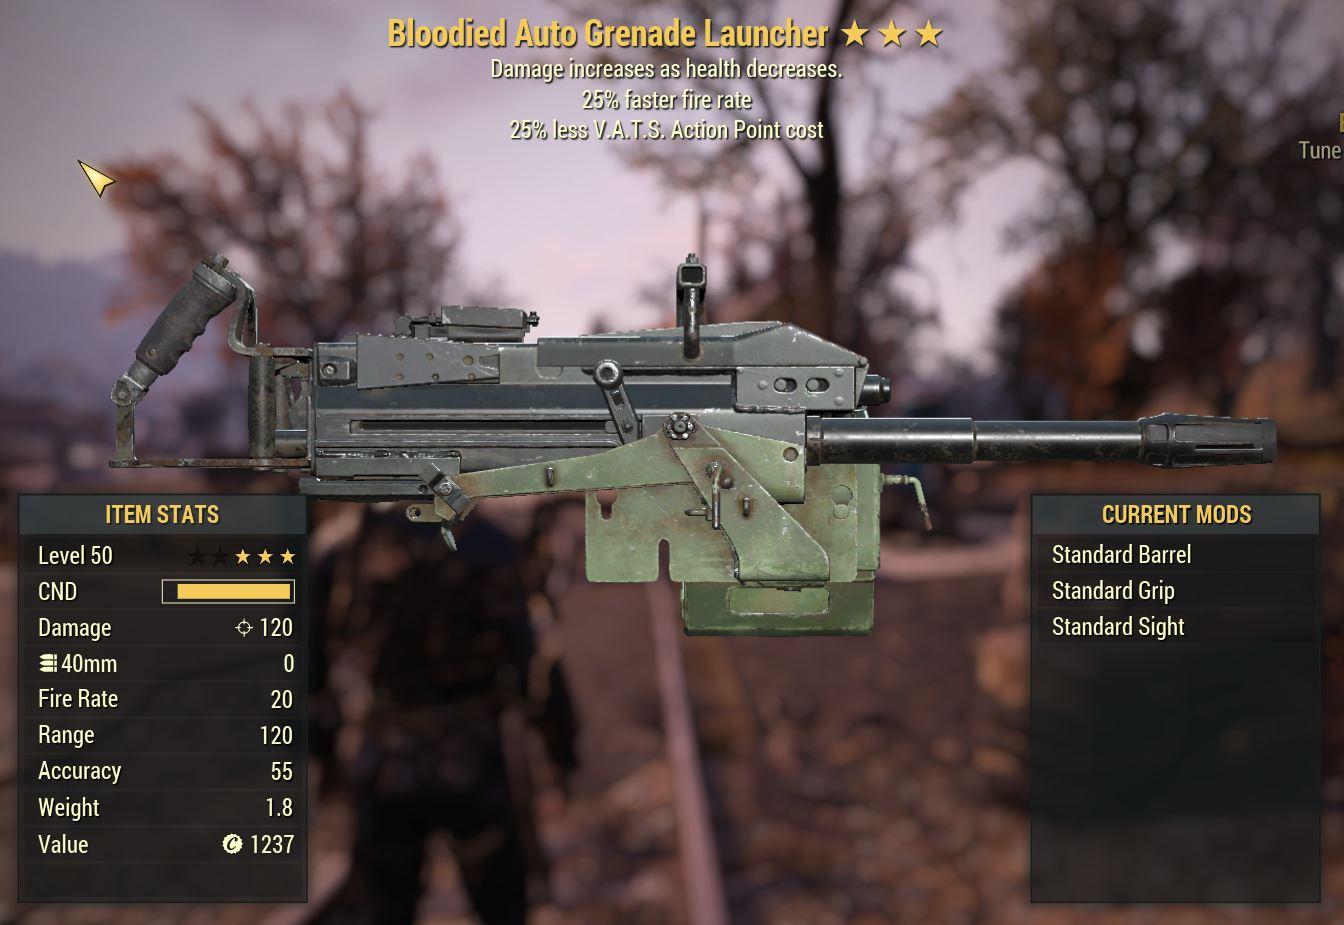 Auto Grenade Launcher B2525